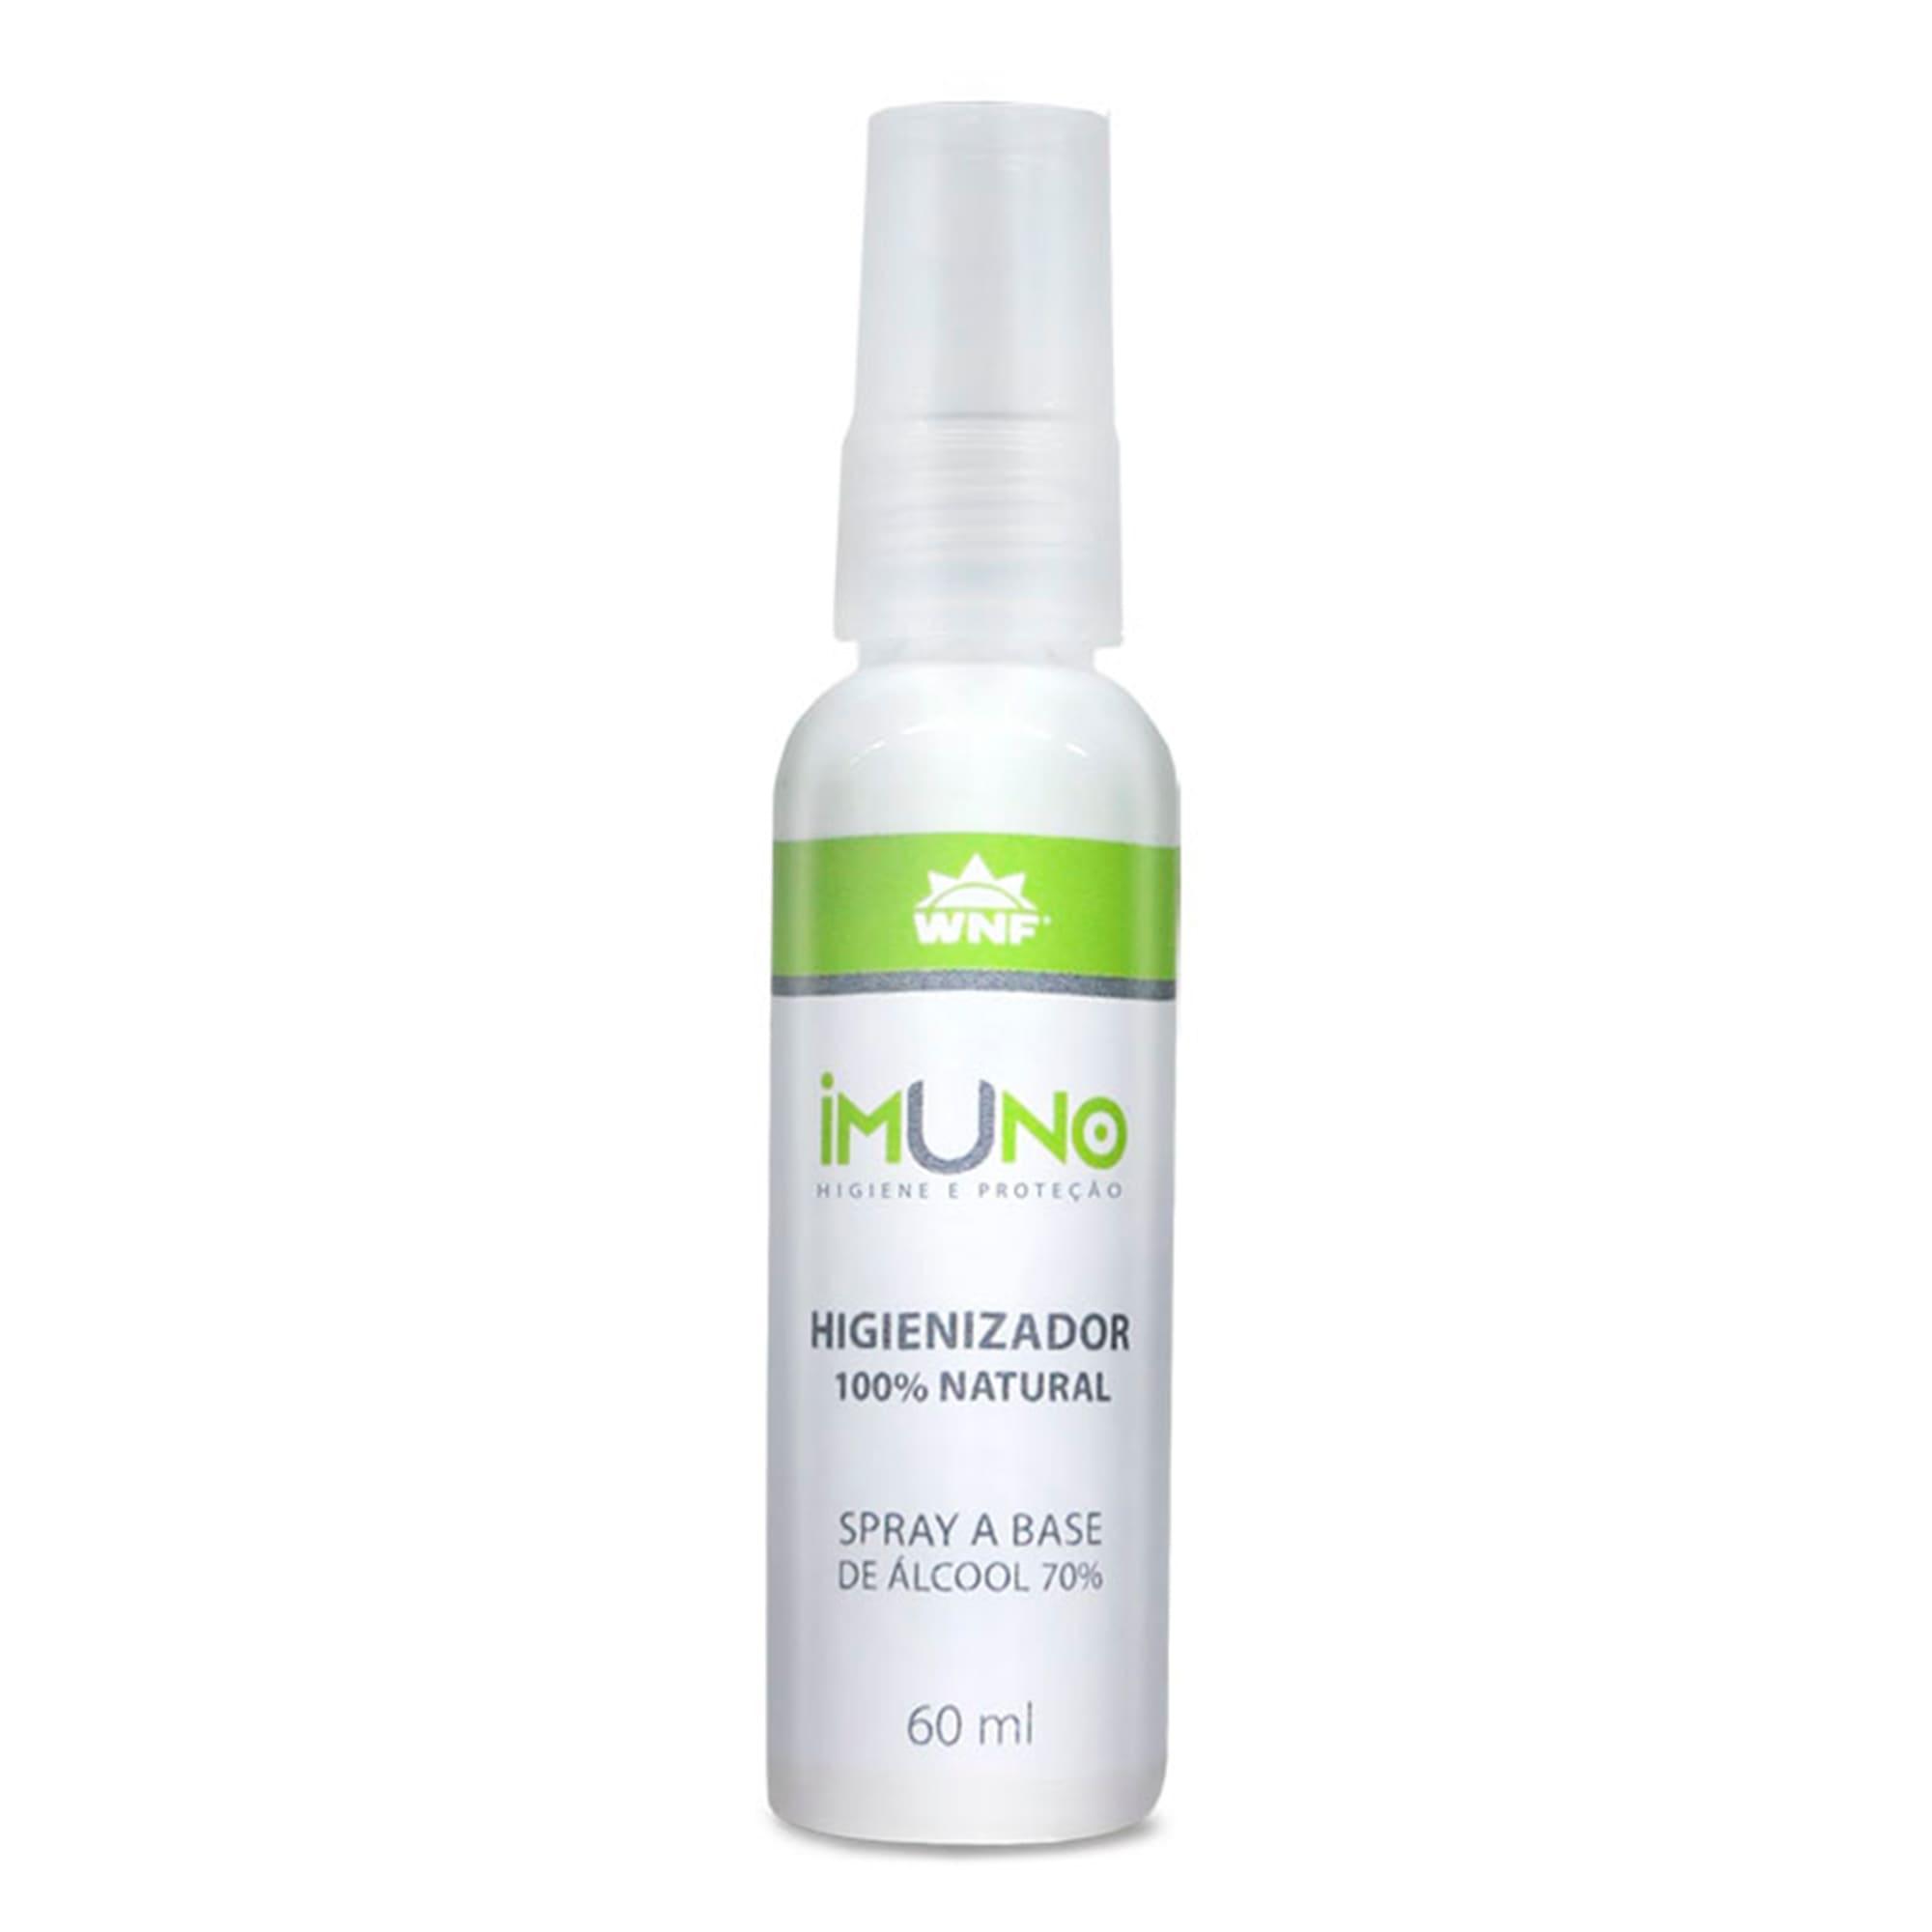 Higienizador Aromatherapy Imuno 60ml - WNF